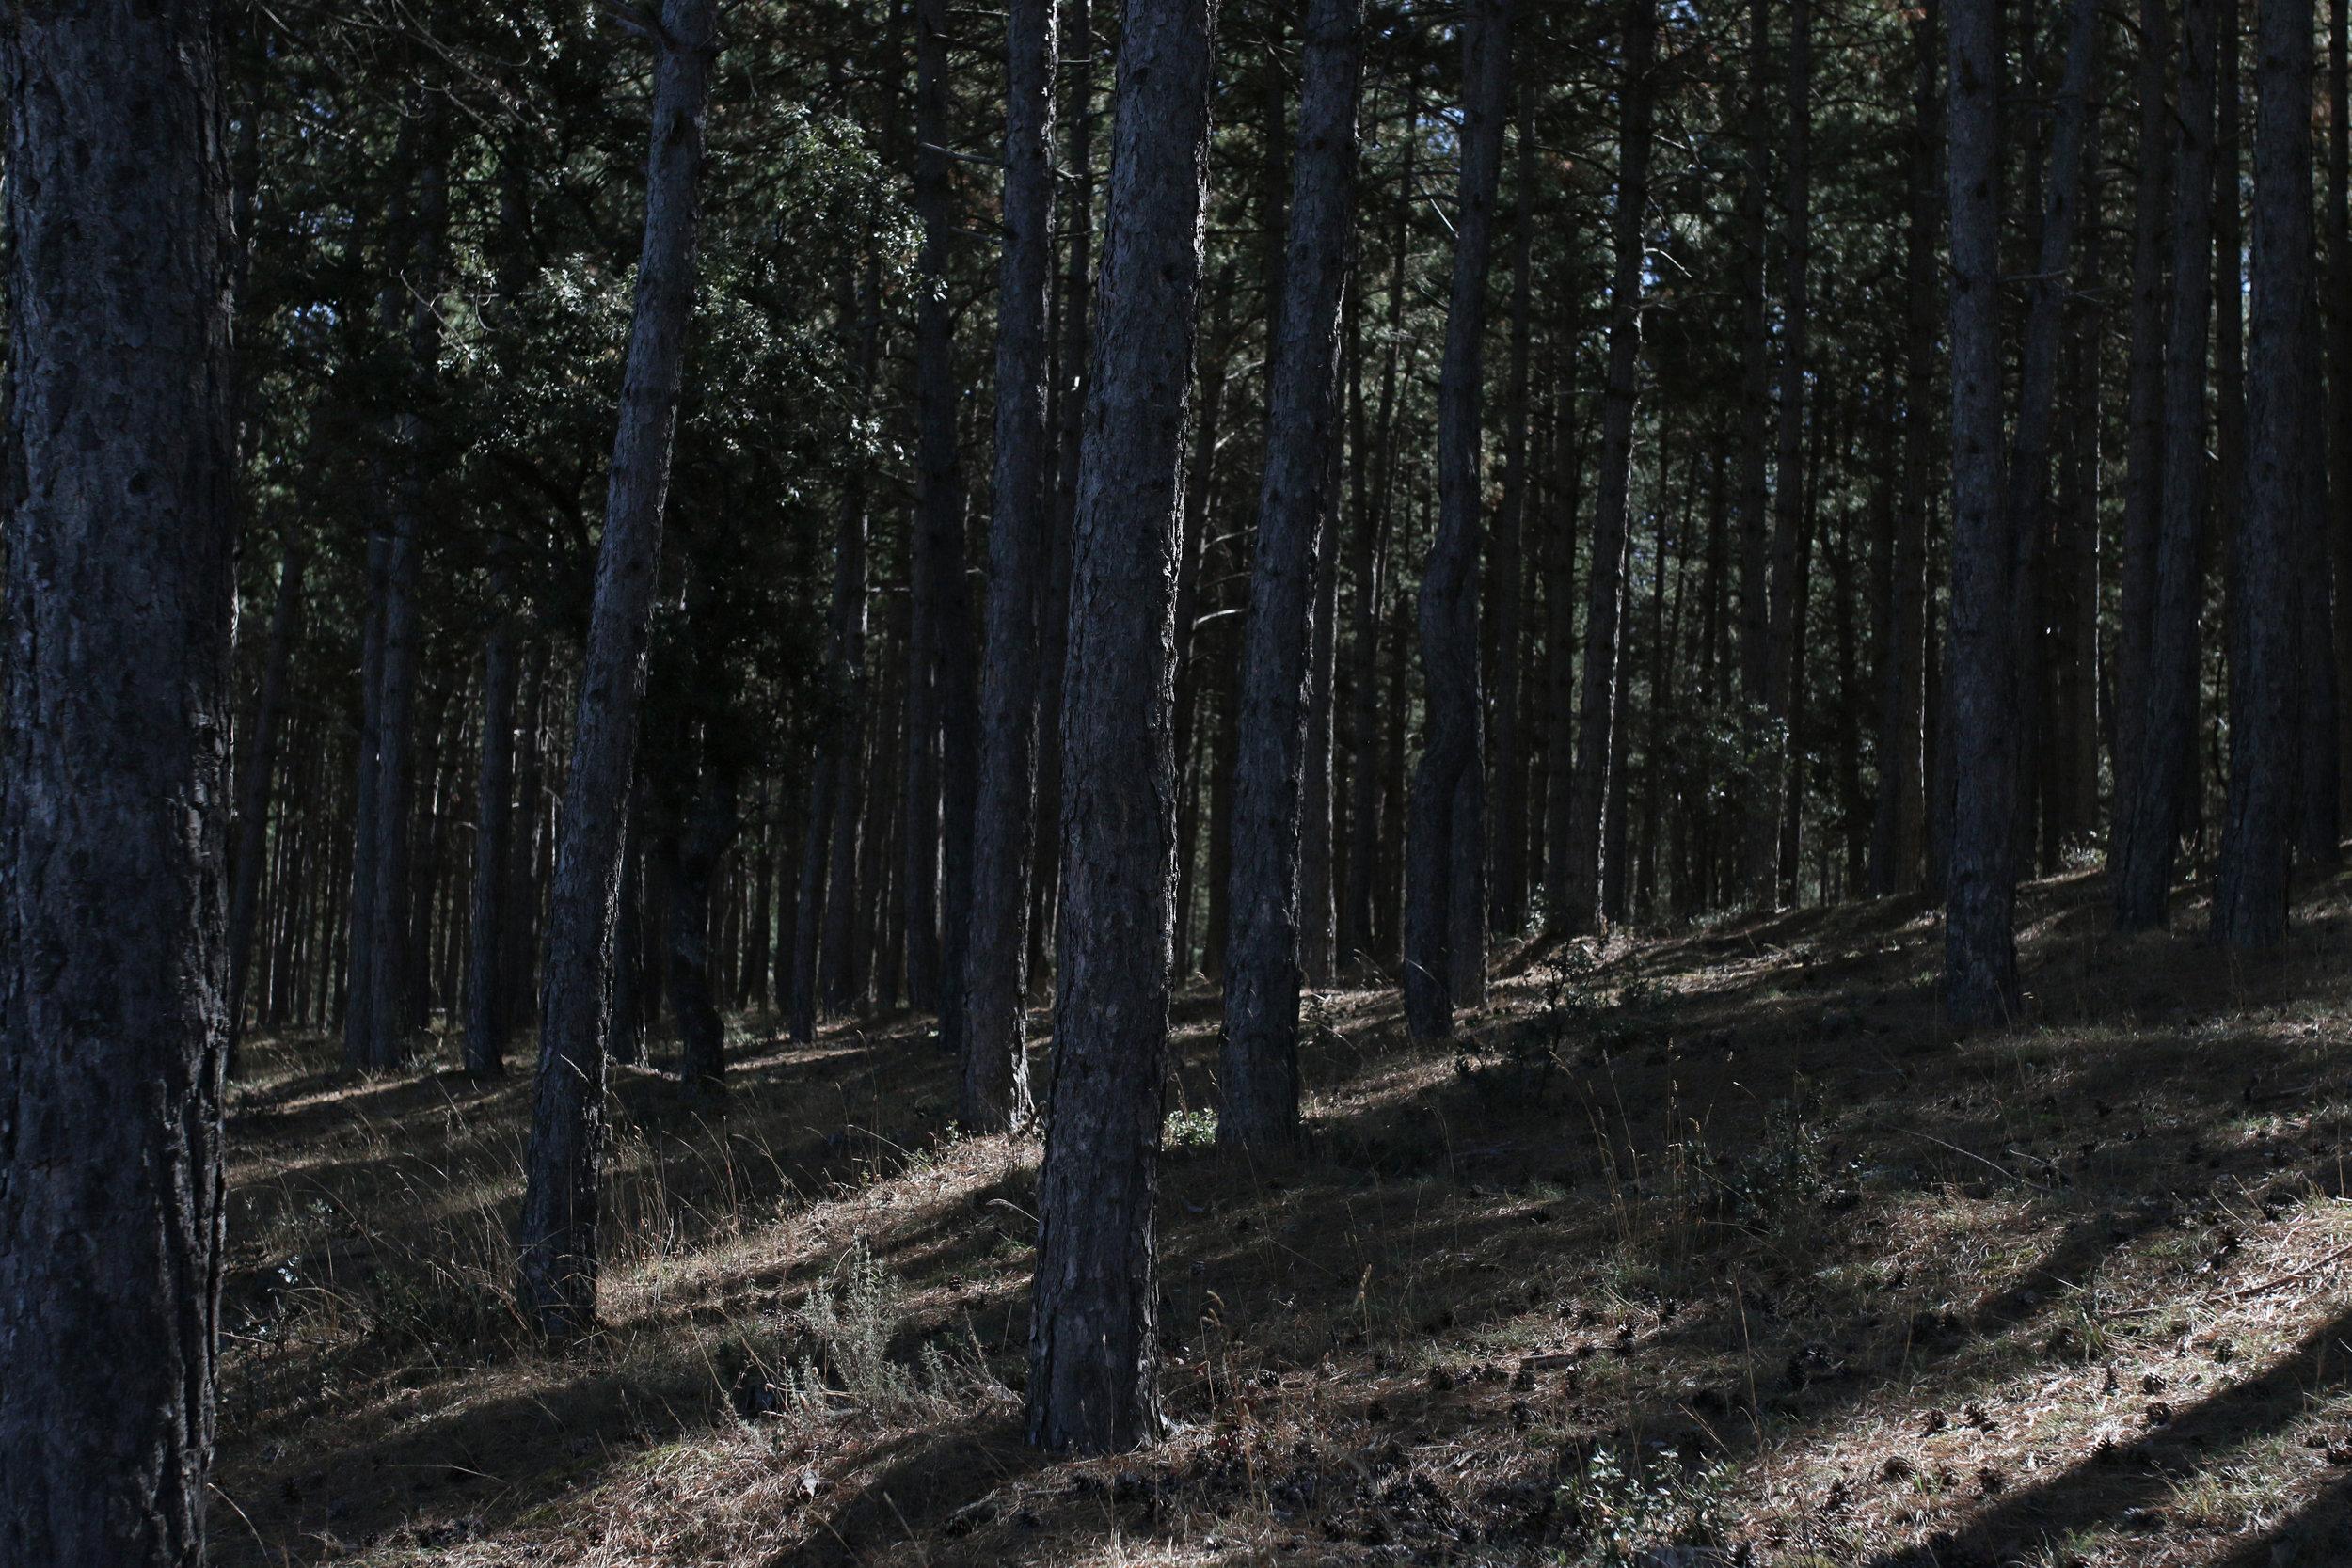 AK Image.JPG